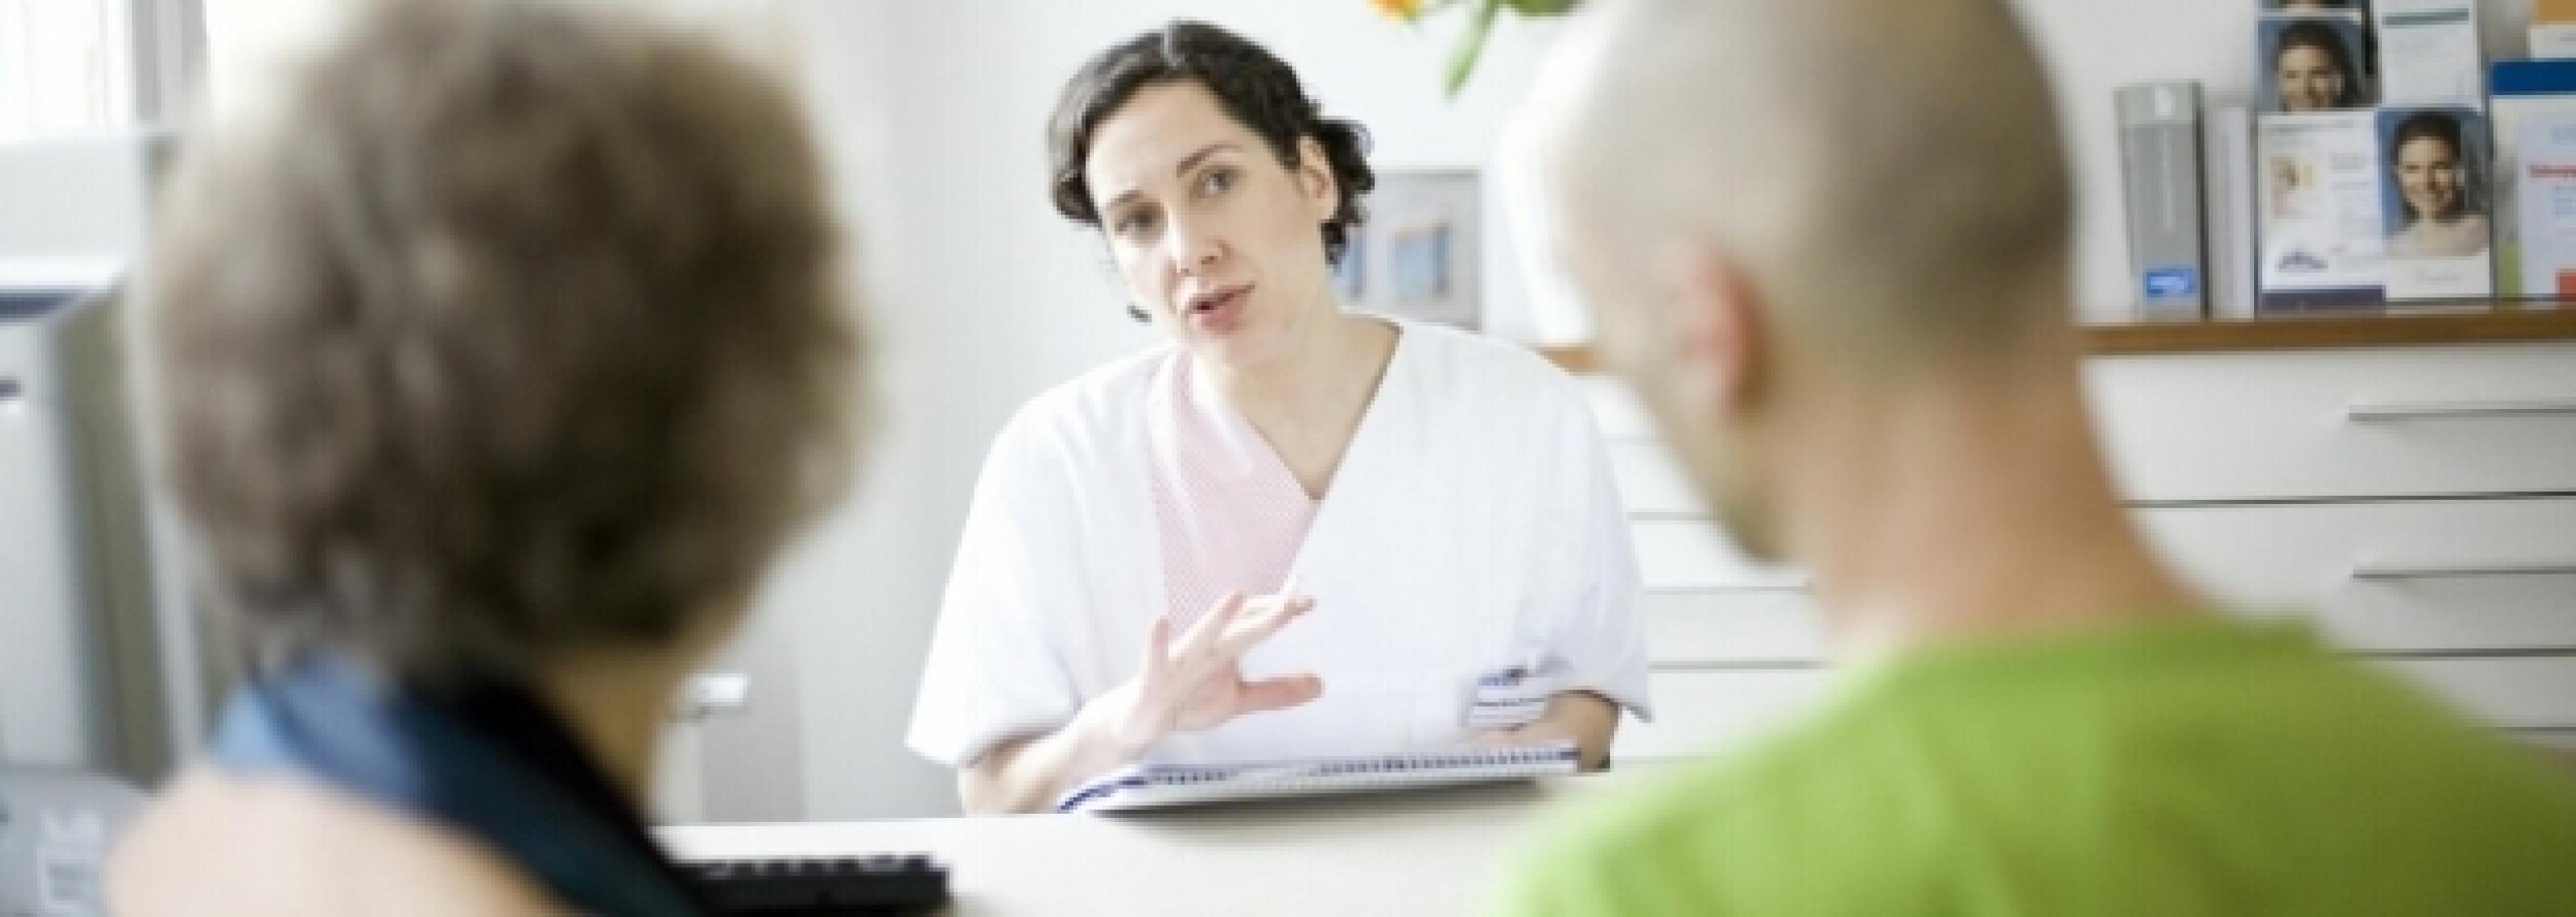 Arztgespräch mit Patienten Schmuckbild